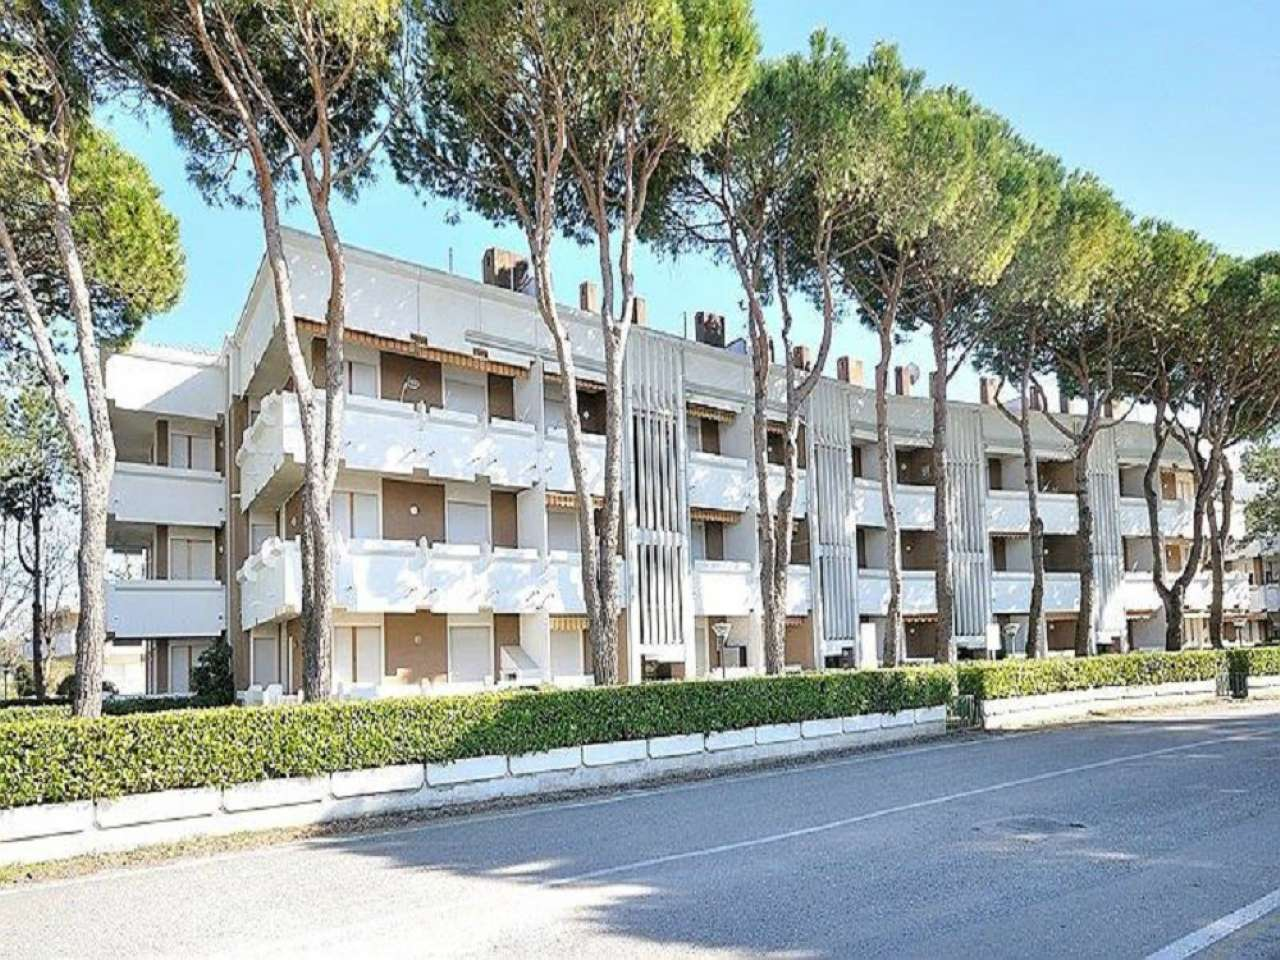 Appartamento in vendita a San Michele al Tagliamento, 2 locali, Trattative riservate | CambioCasa.it